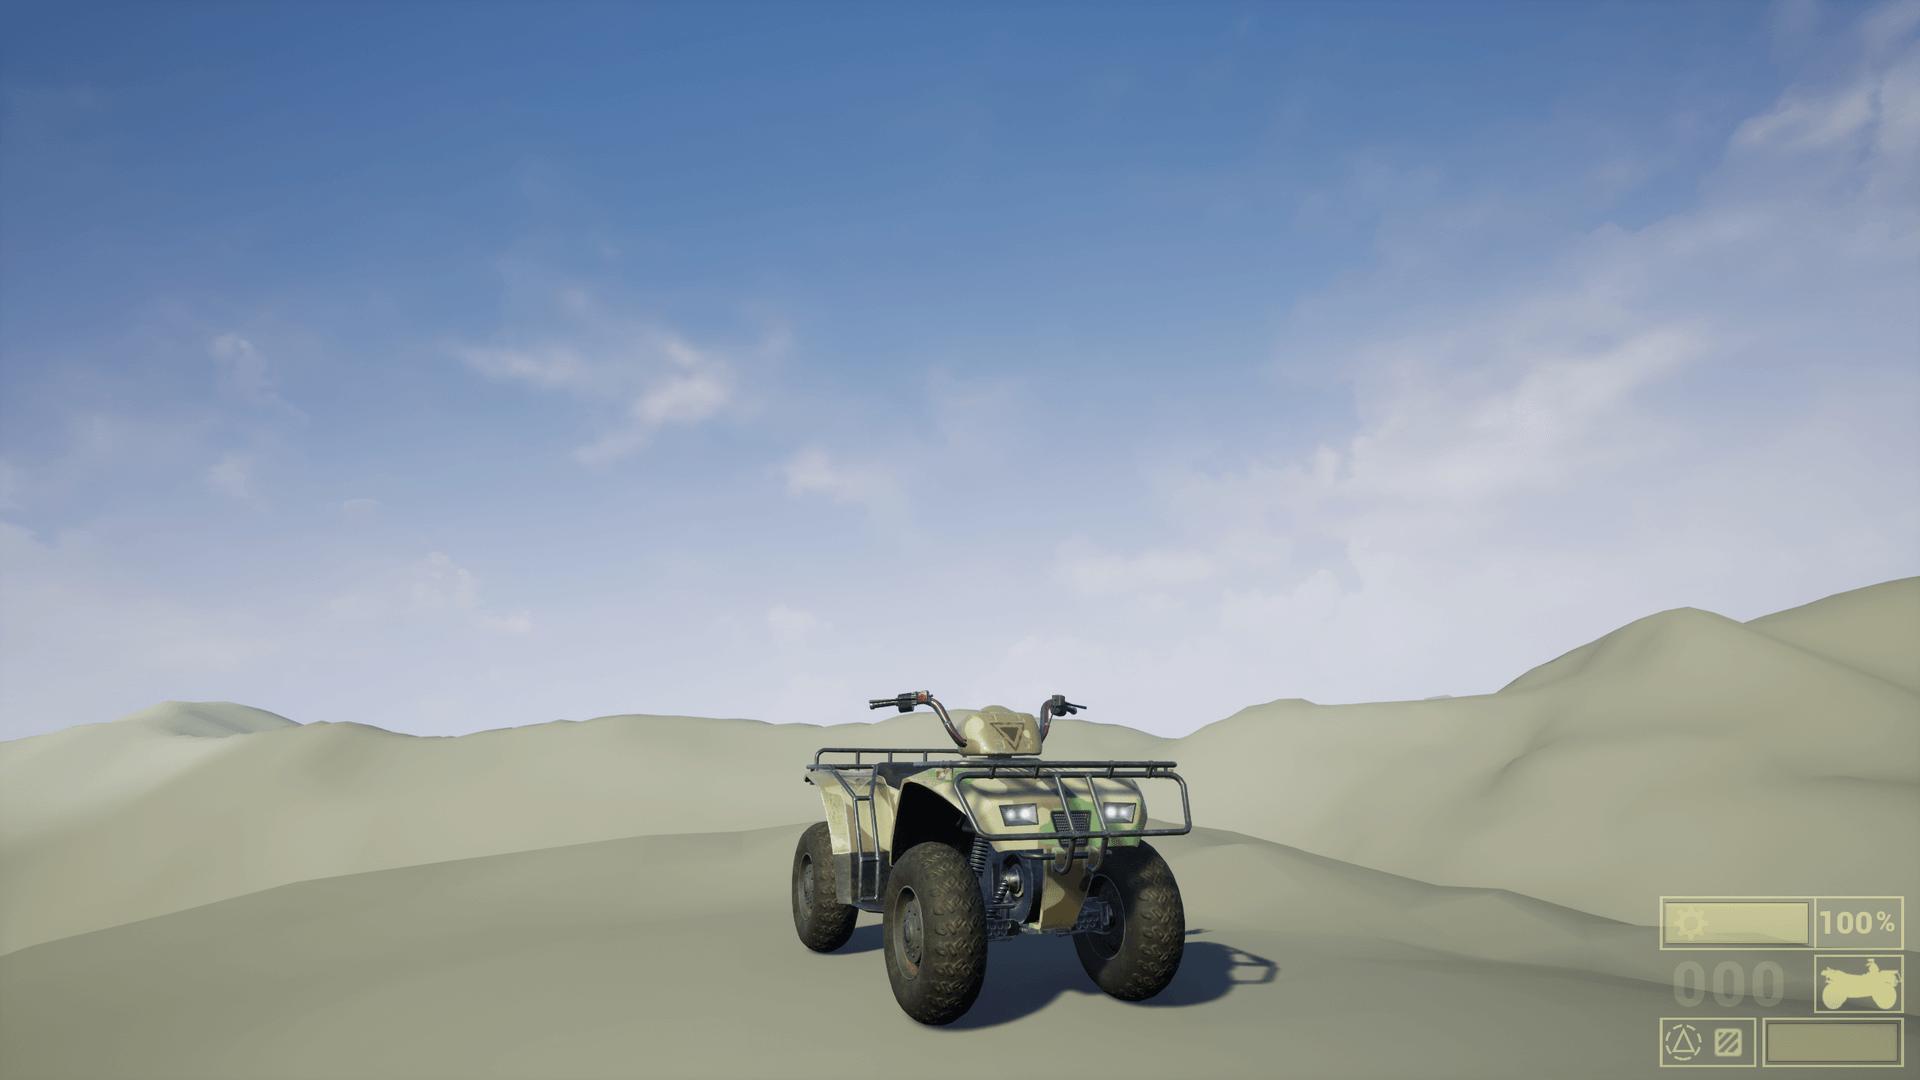 Driveable Vehicle : ATV-Quad Bike by EA3D in Blueprints - UE4